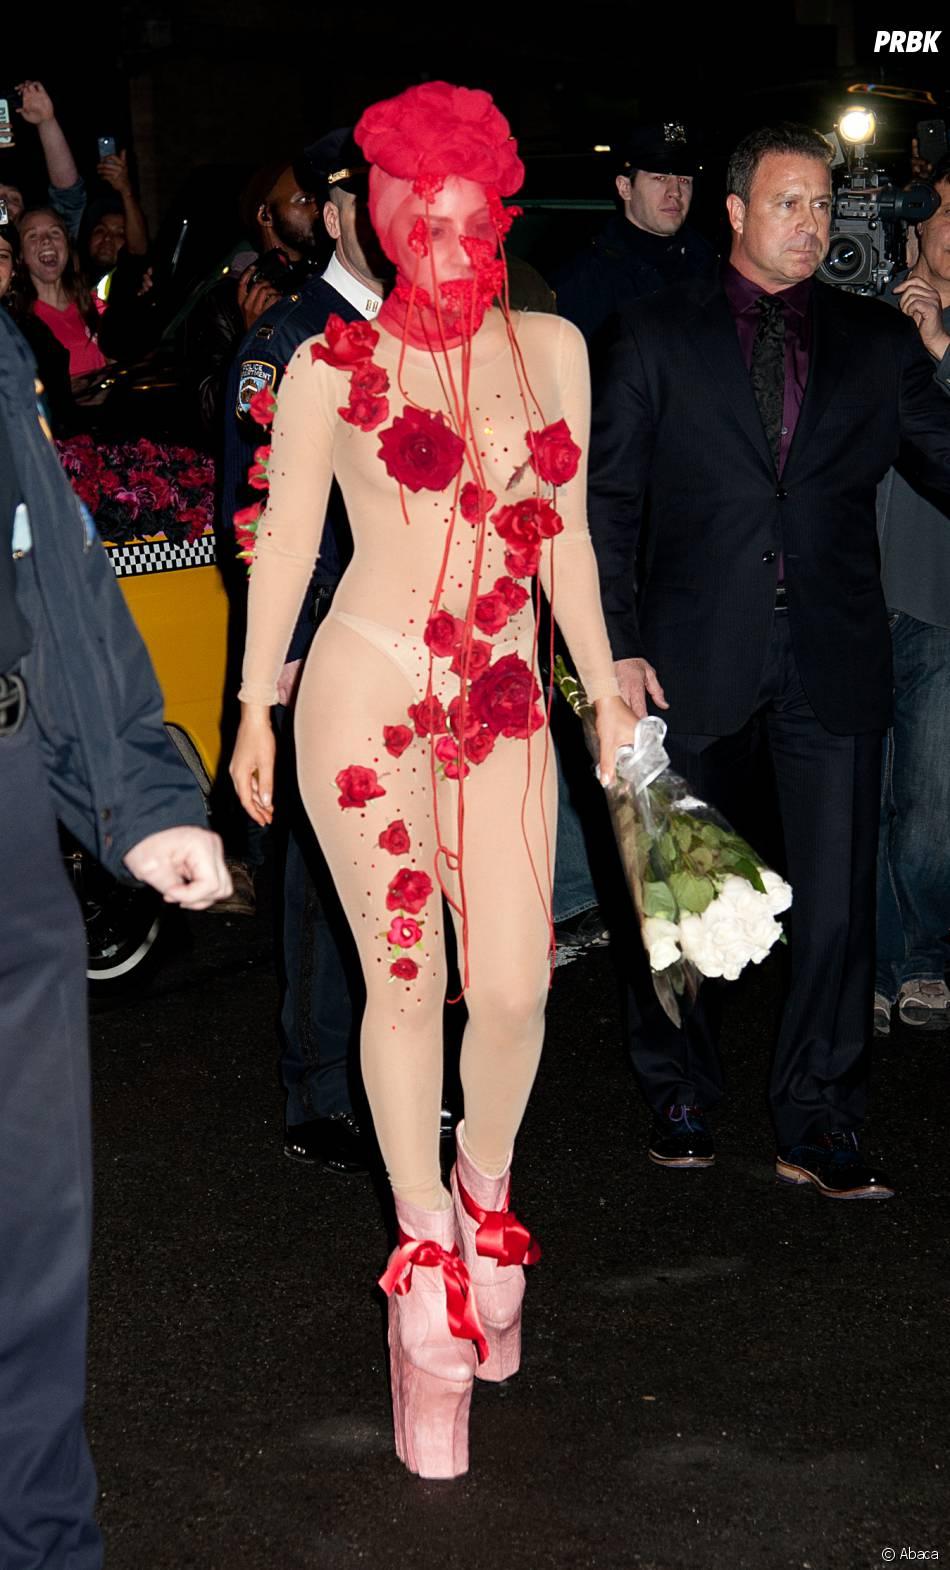 lady gaga en mode tenue de folie pour son anniversaire le 28 mars new york purebreak. Black Bedroom Furniture Sets. Home Design Ideas